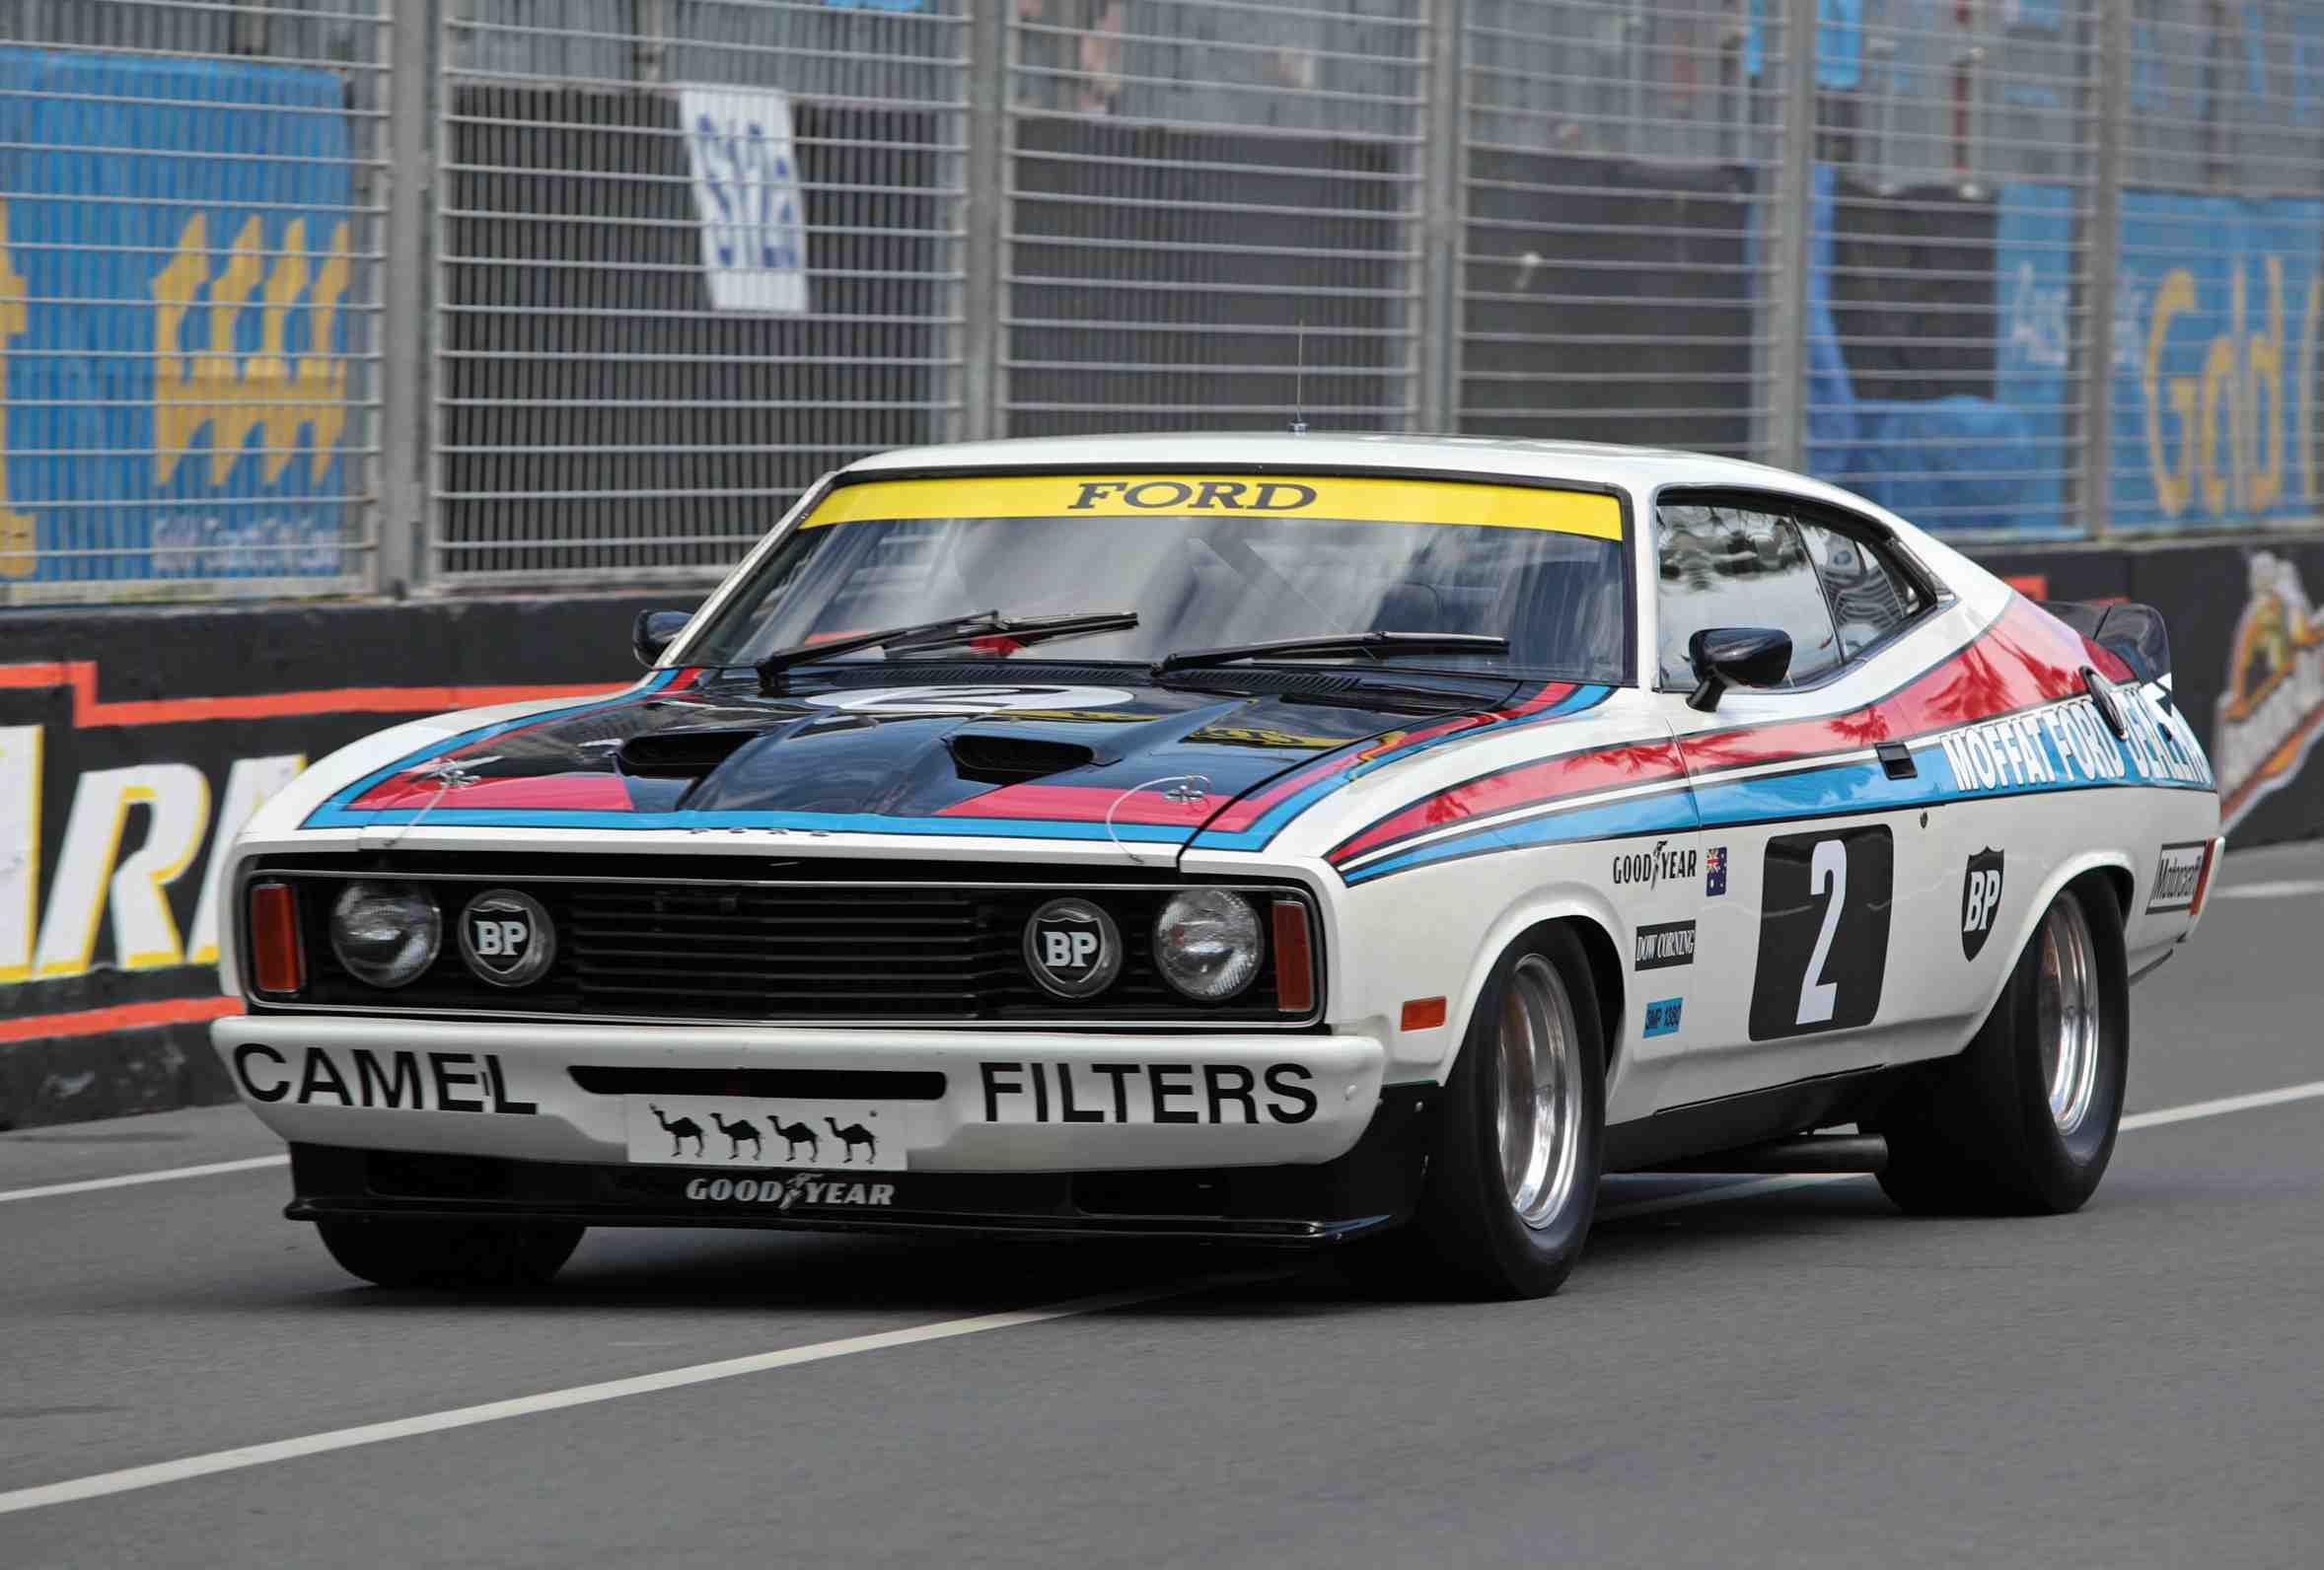 Bond's second fling in 1977 Bathurst winner